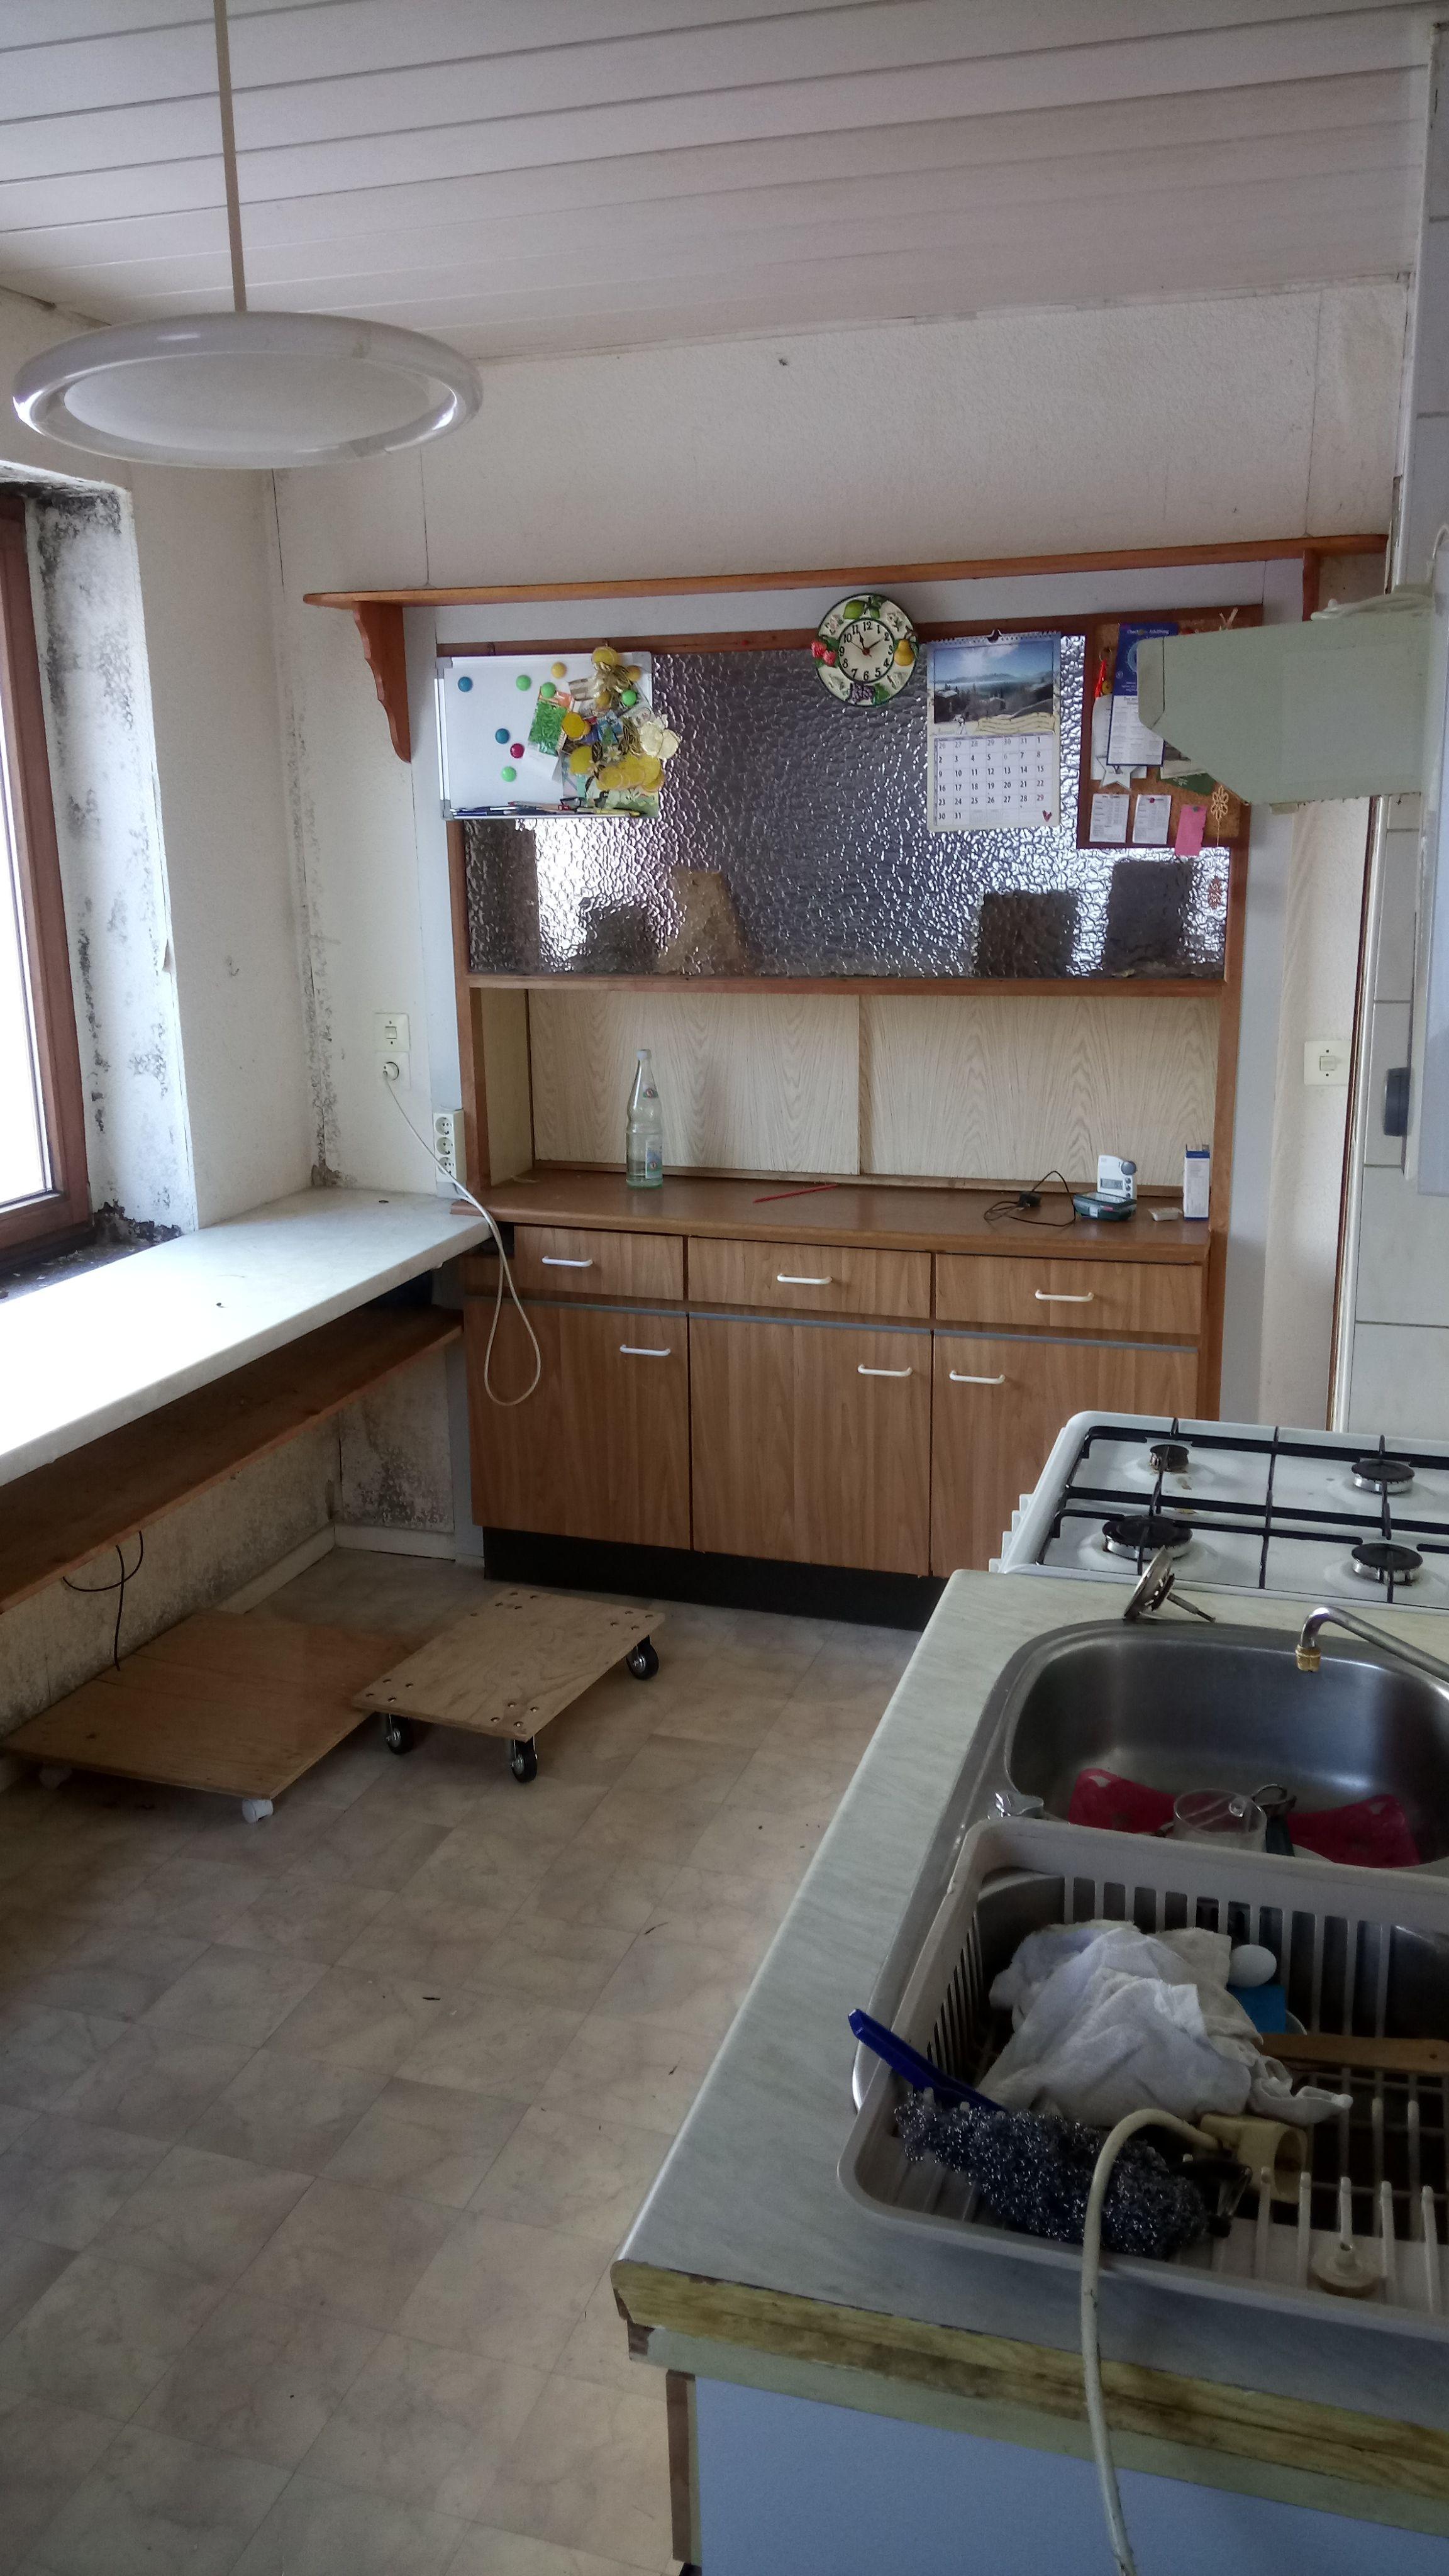 Küchenrenovierung Bauanleitung zum selber bauen | DIY - Heimwerken ...